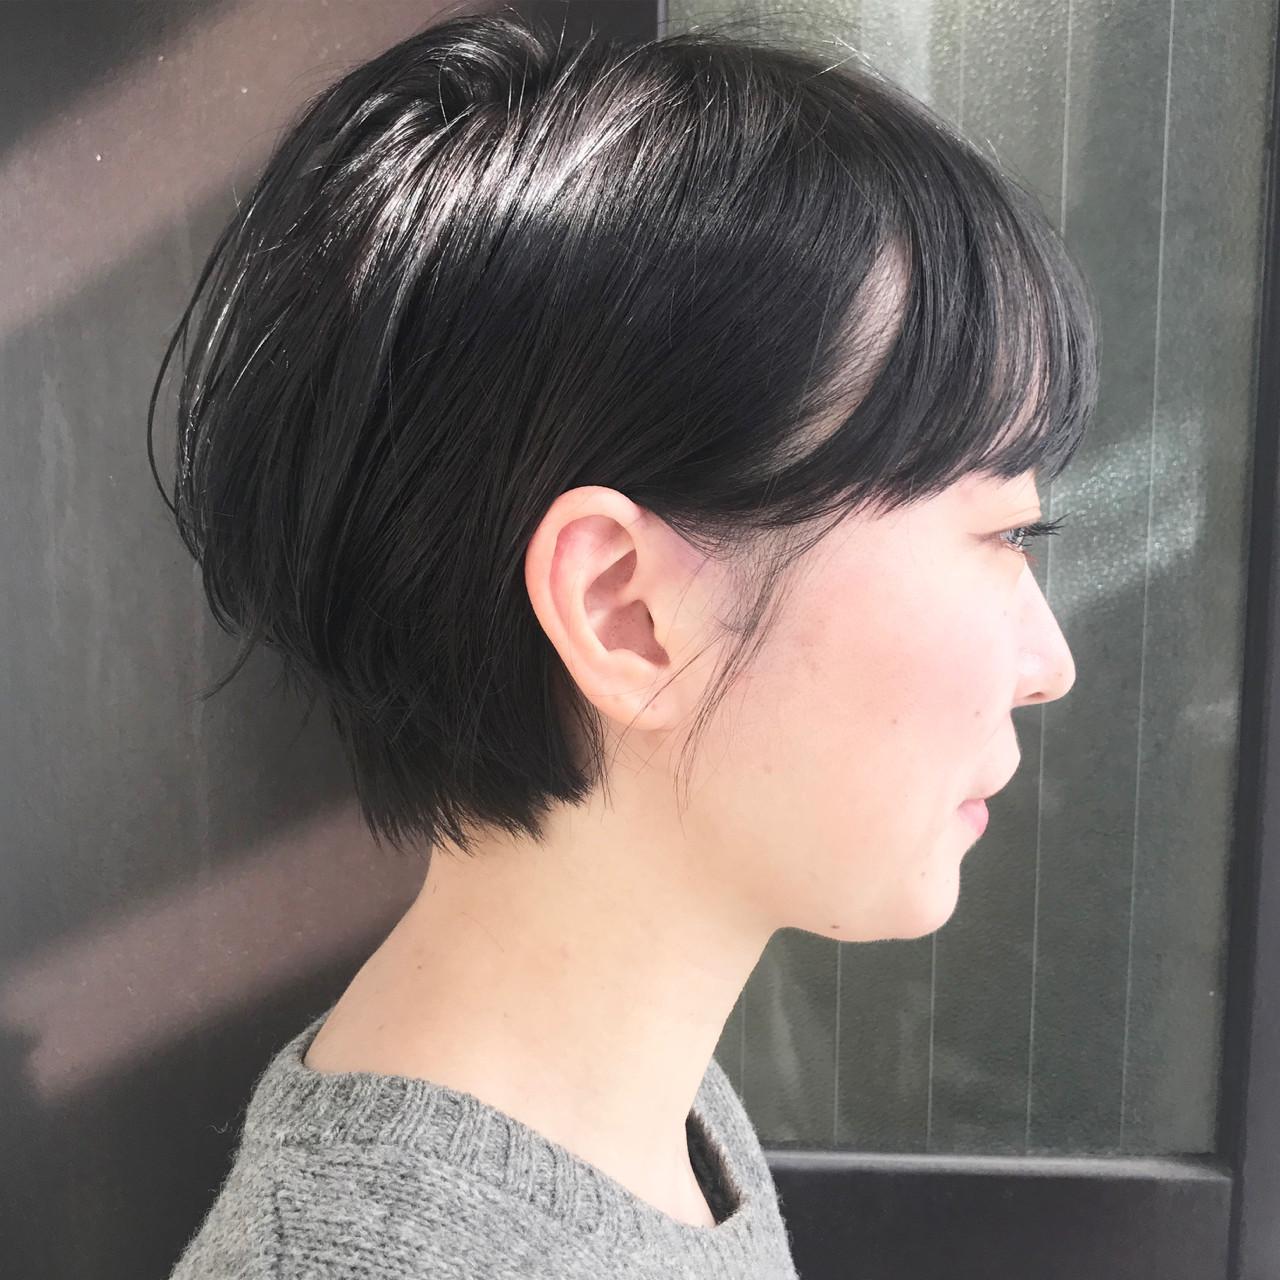 ブリーチ ショートボブ ナチュラル ショート ヘアスタイルや髪型の写真・画像